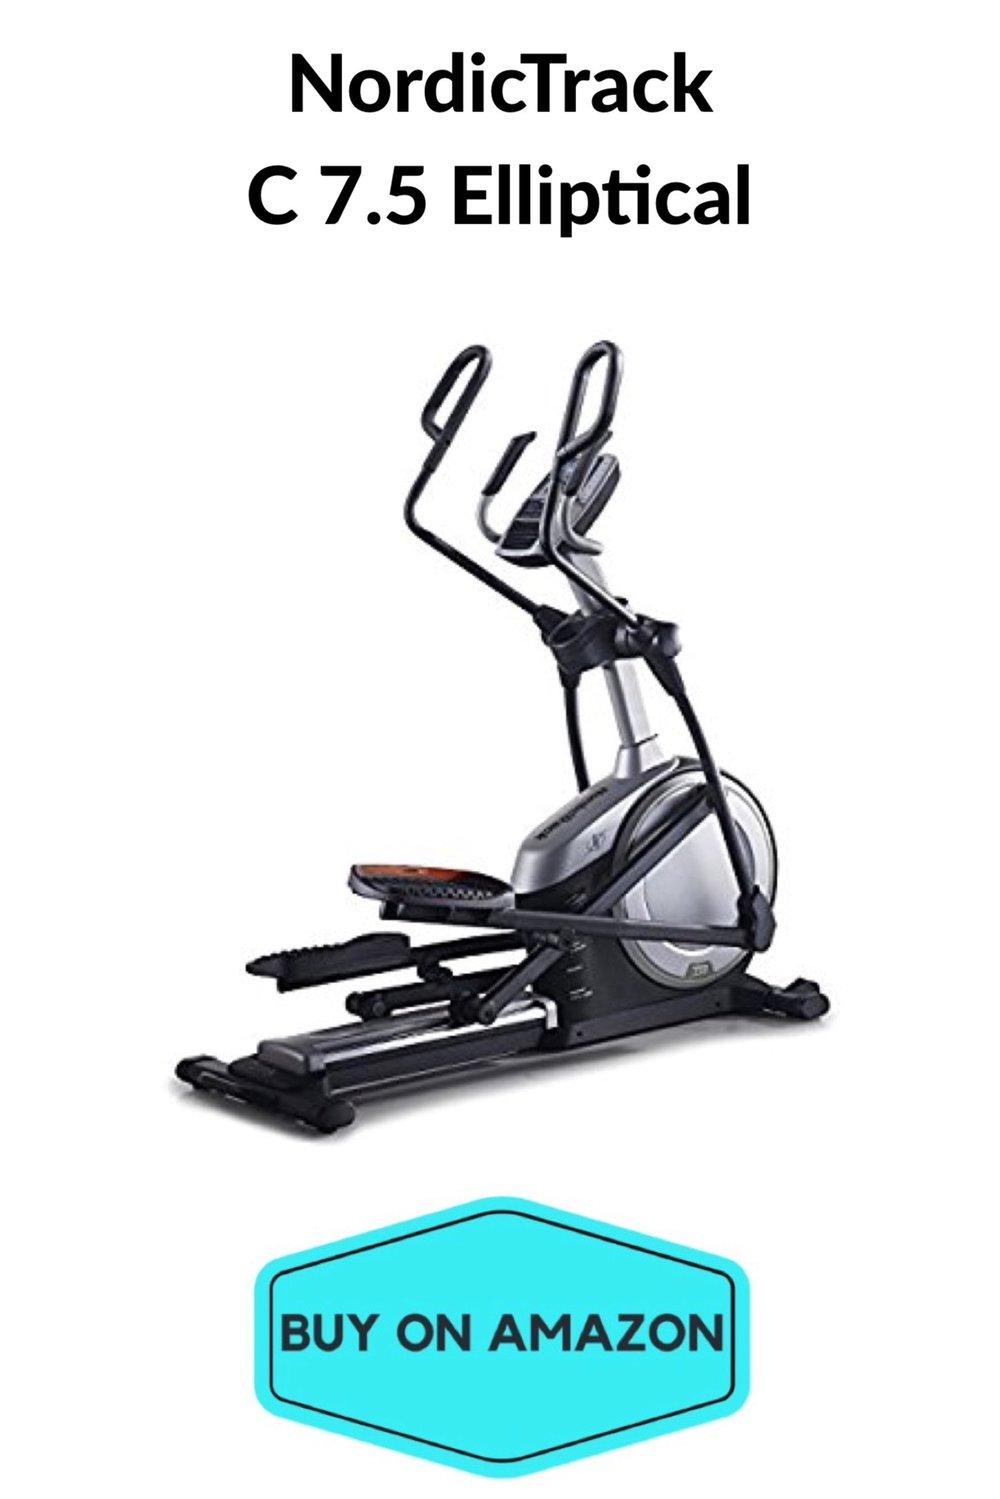 NordicTrack C 7.5 Elliptical Trainer